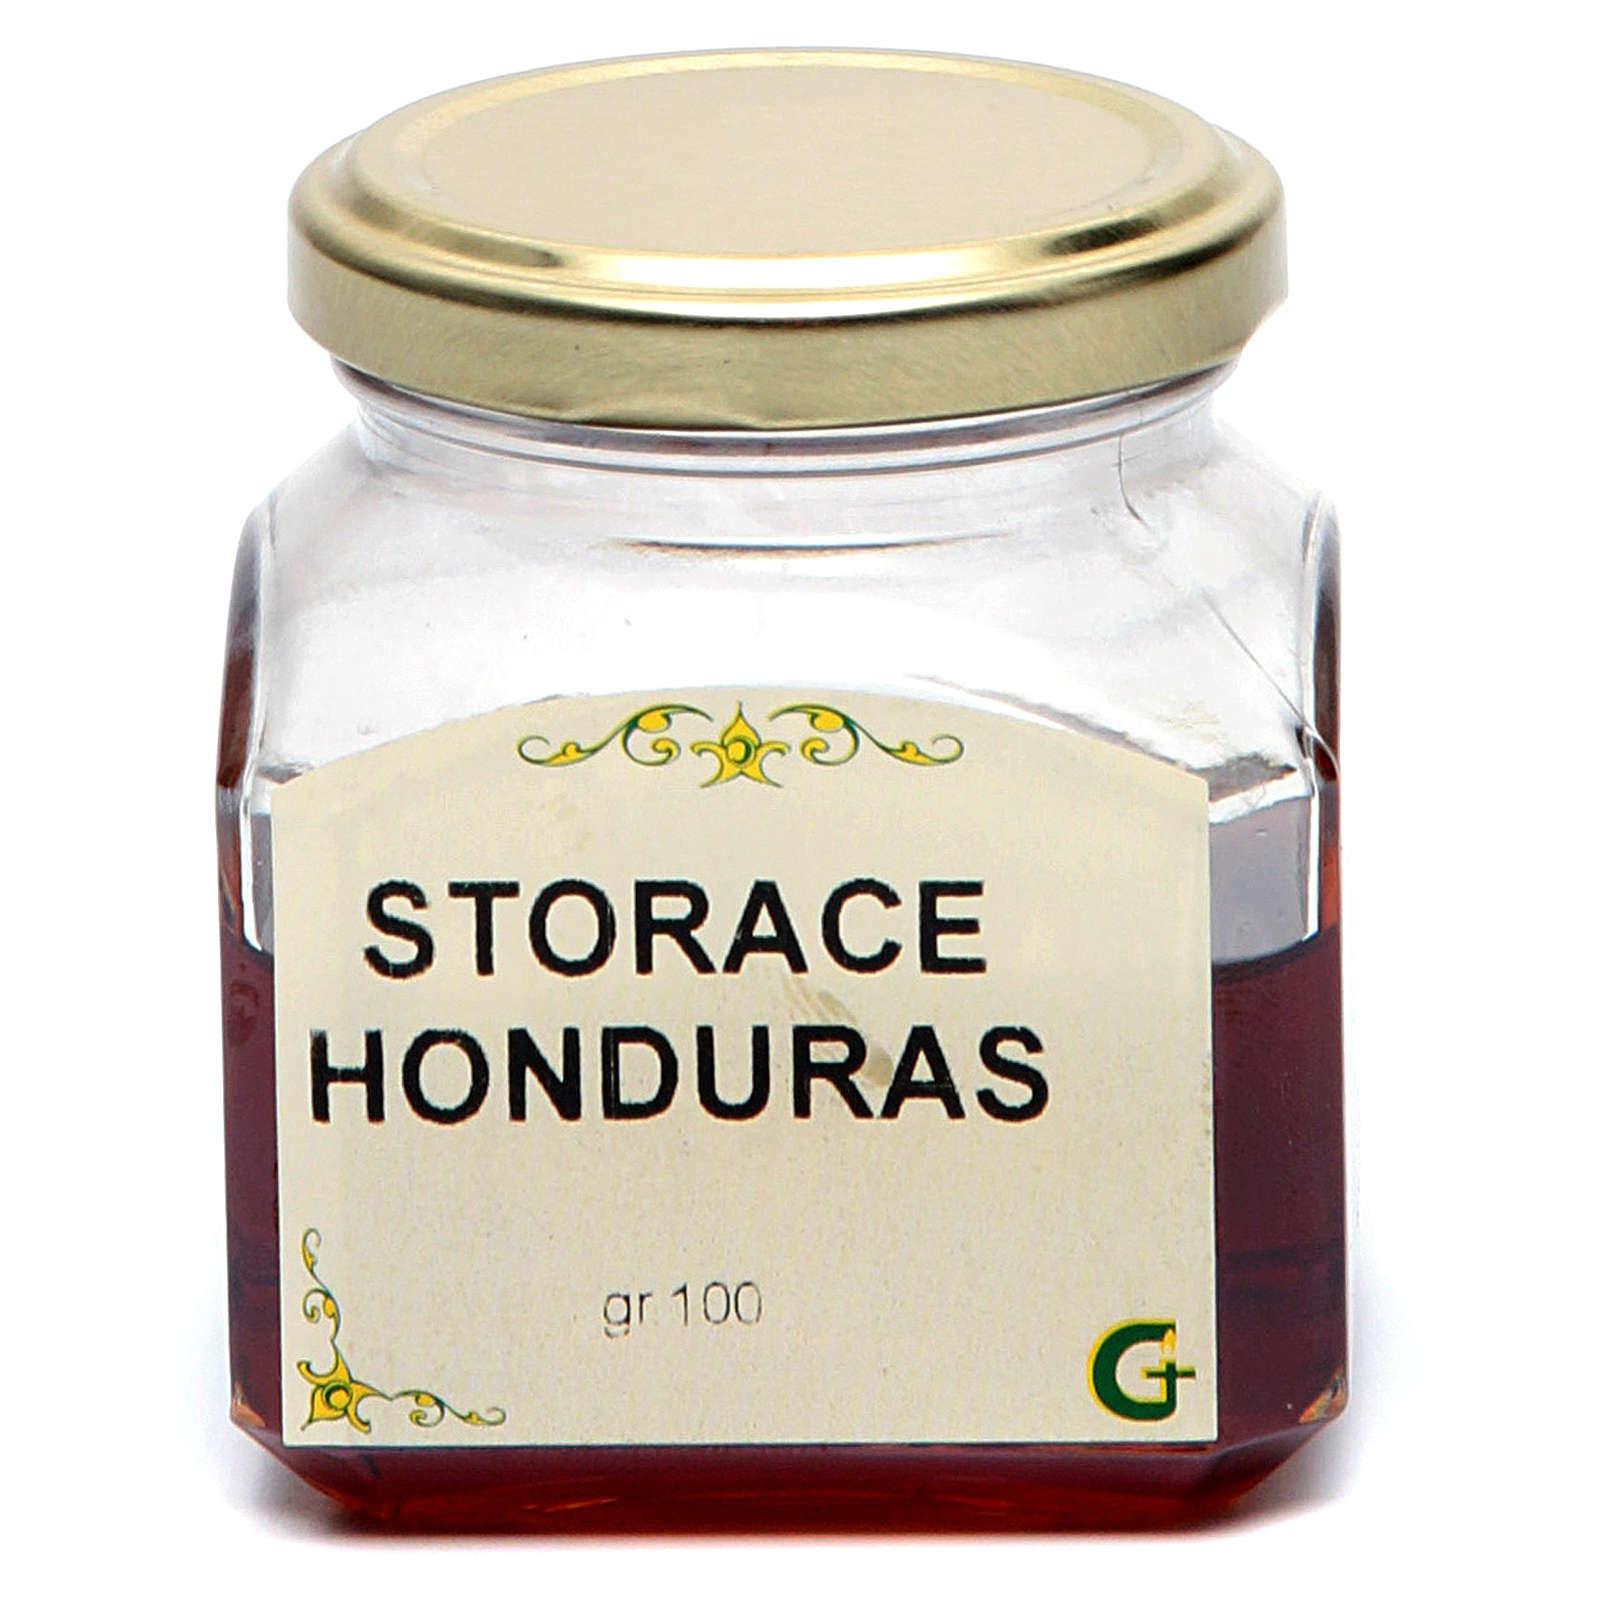 Storace Liquido Honduras 100 gr 3